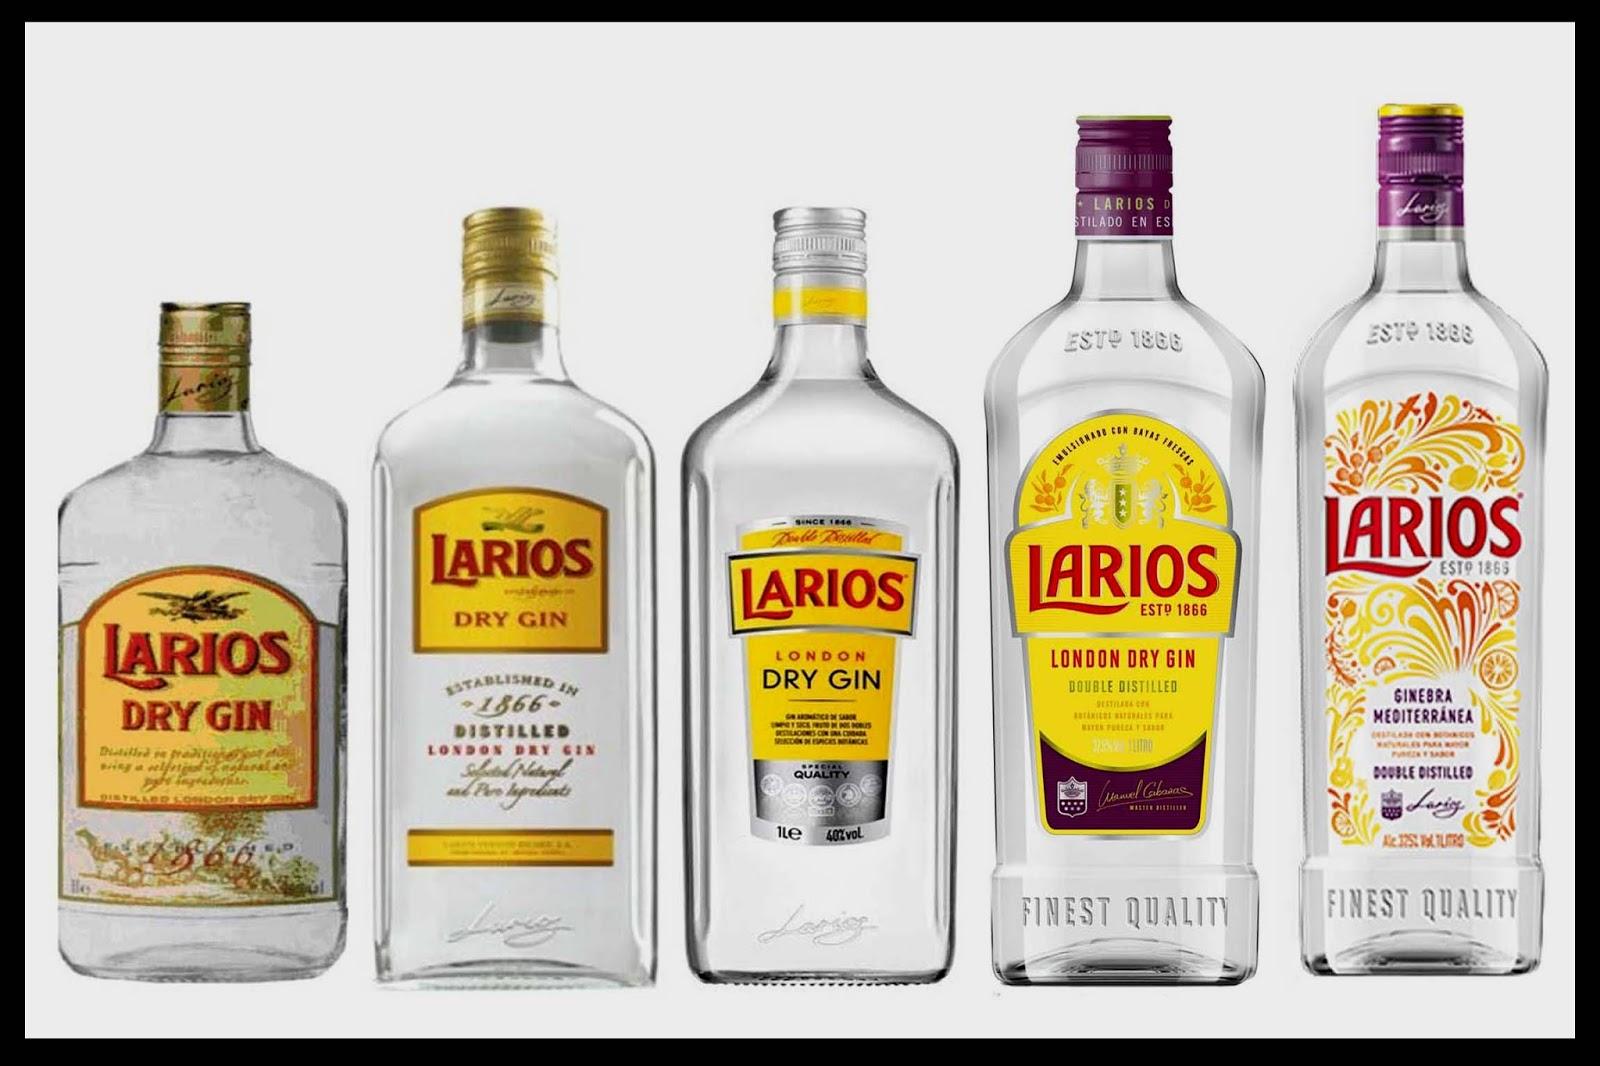 Larios dry gin la historia de una ginebra espa ola - Qcasa opiniones ...